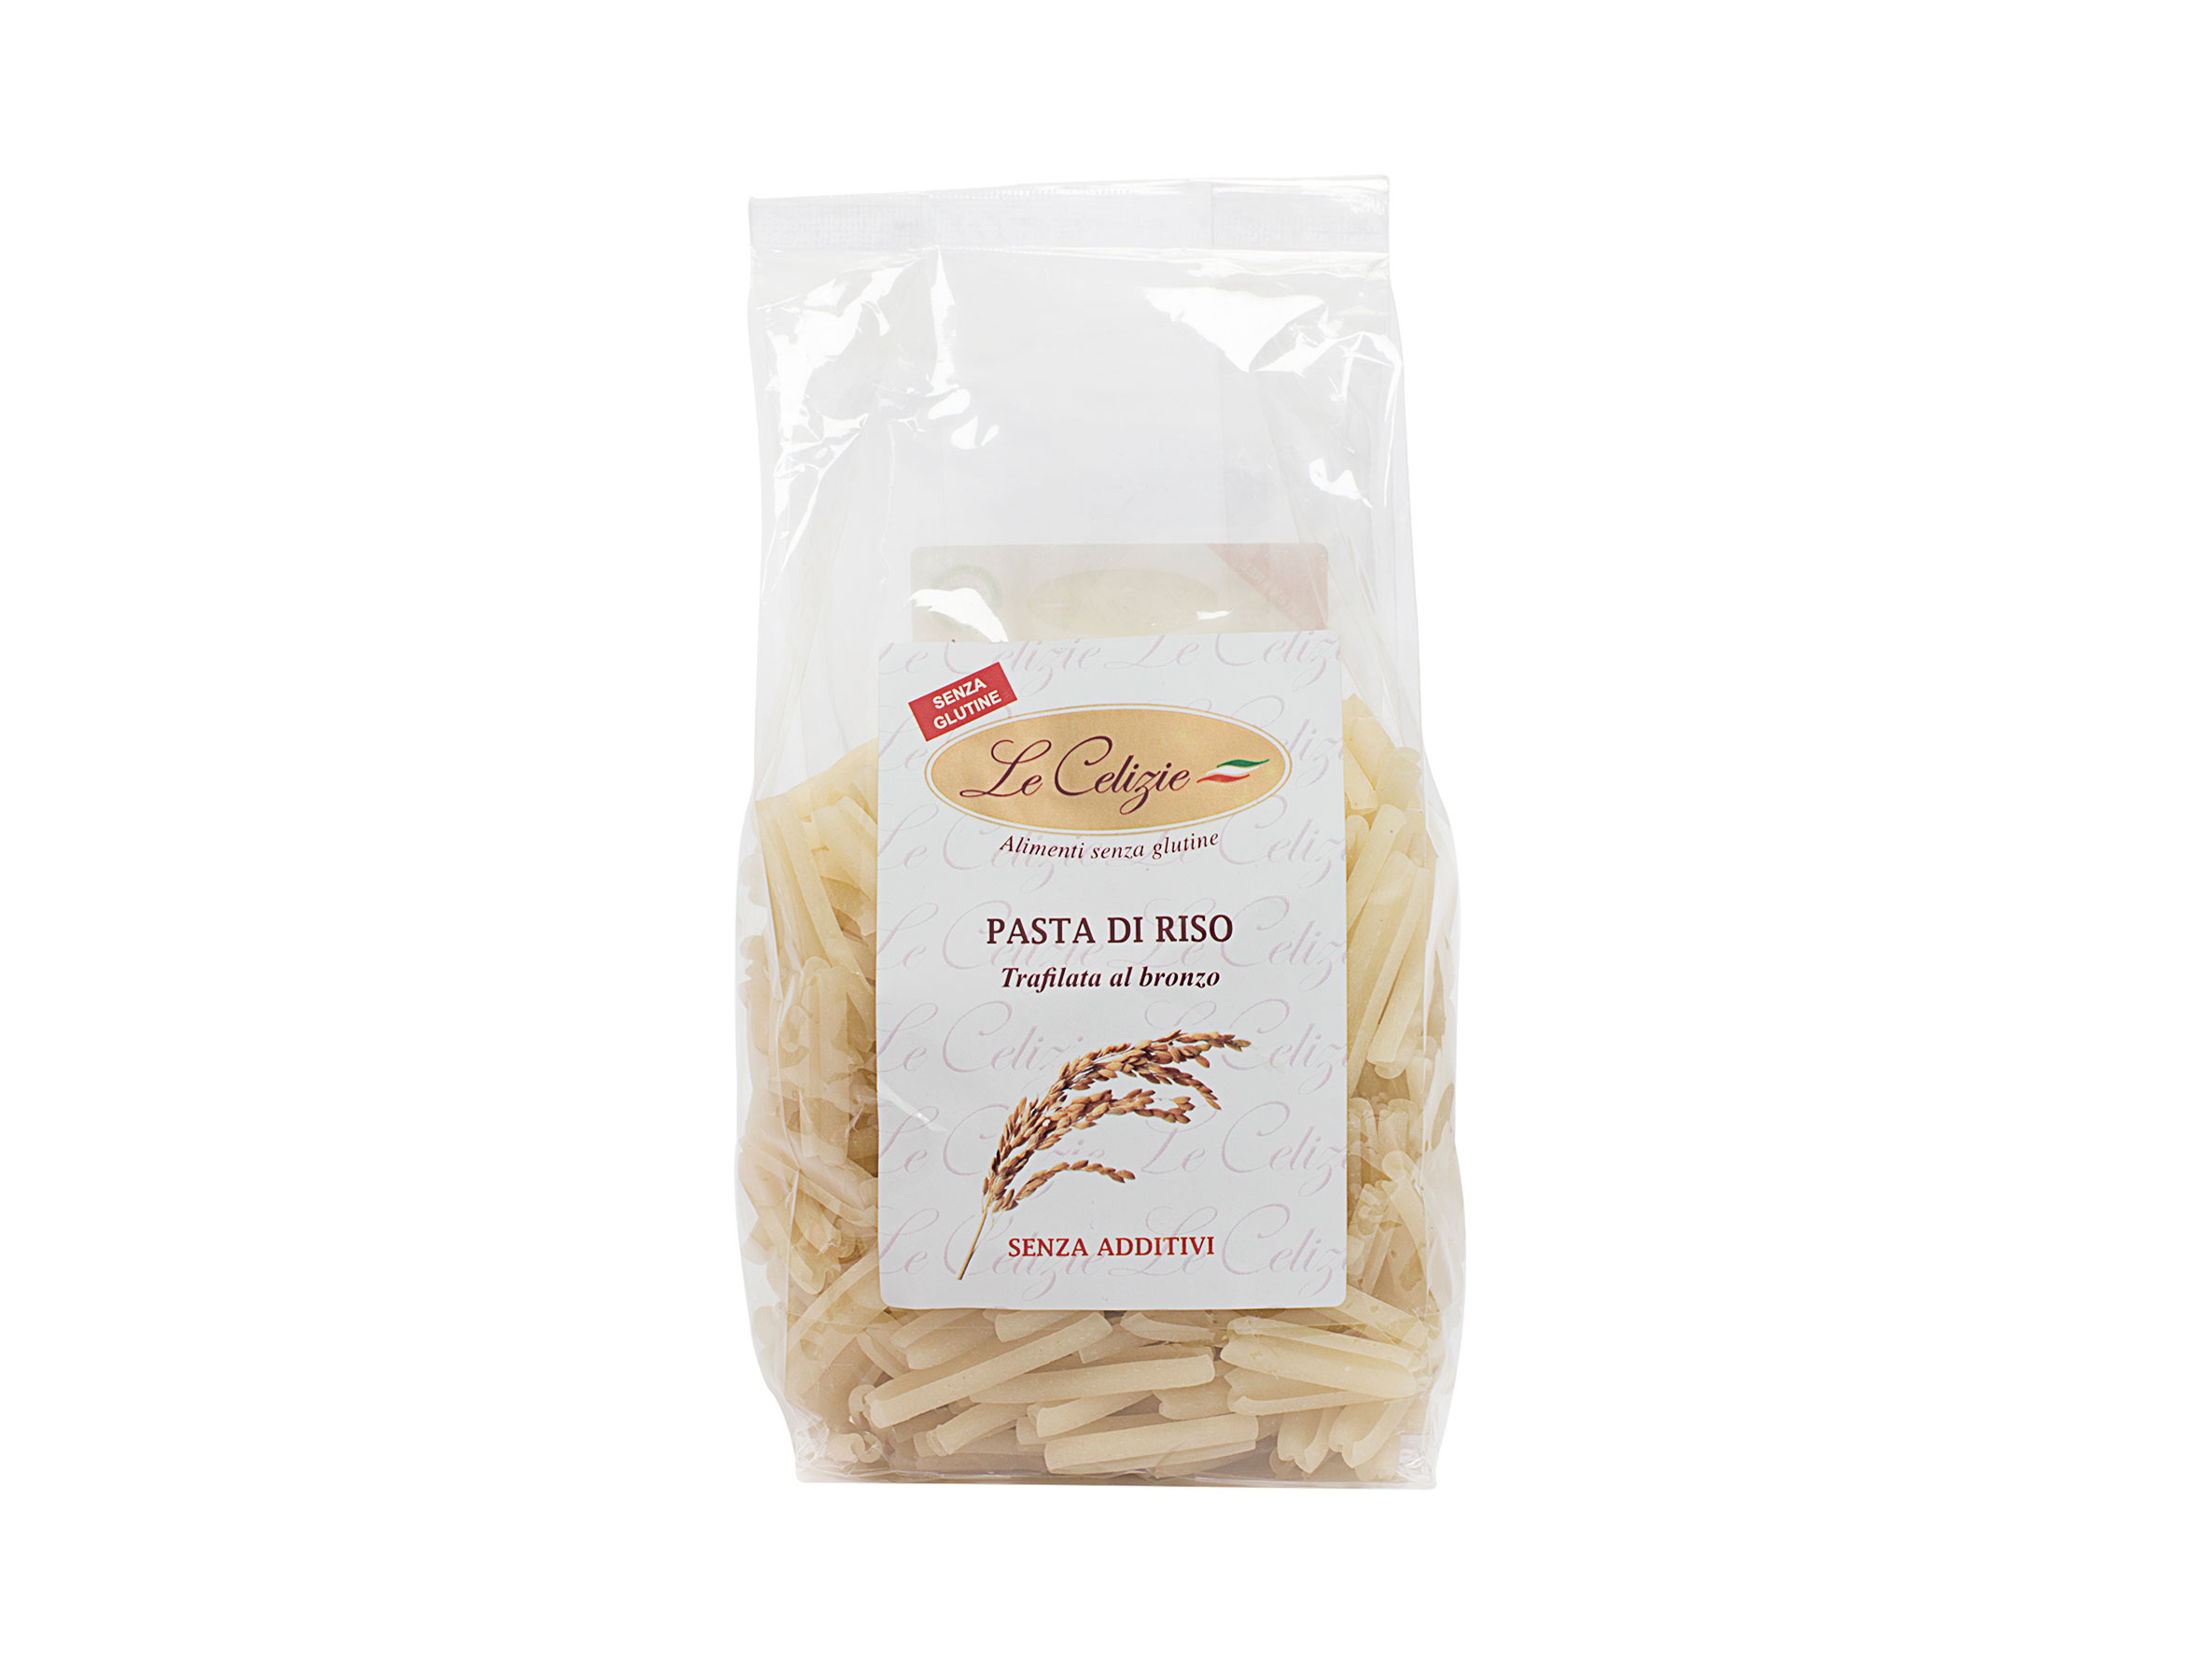 caprici pasta di riso senza glutine